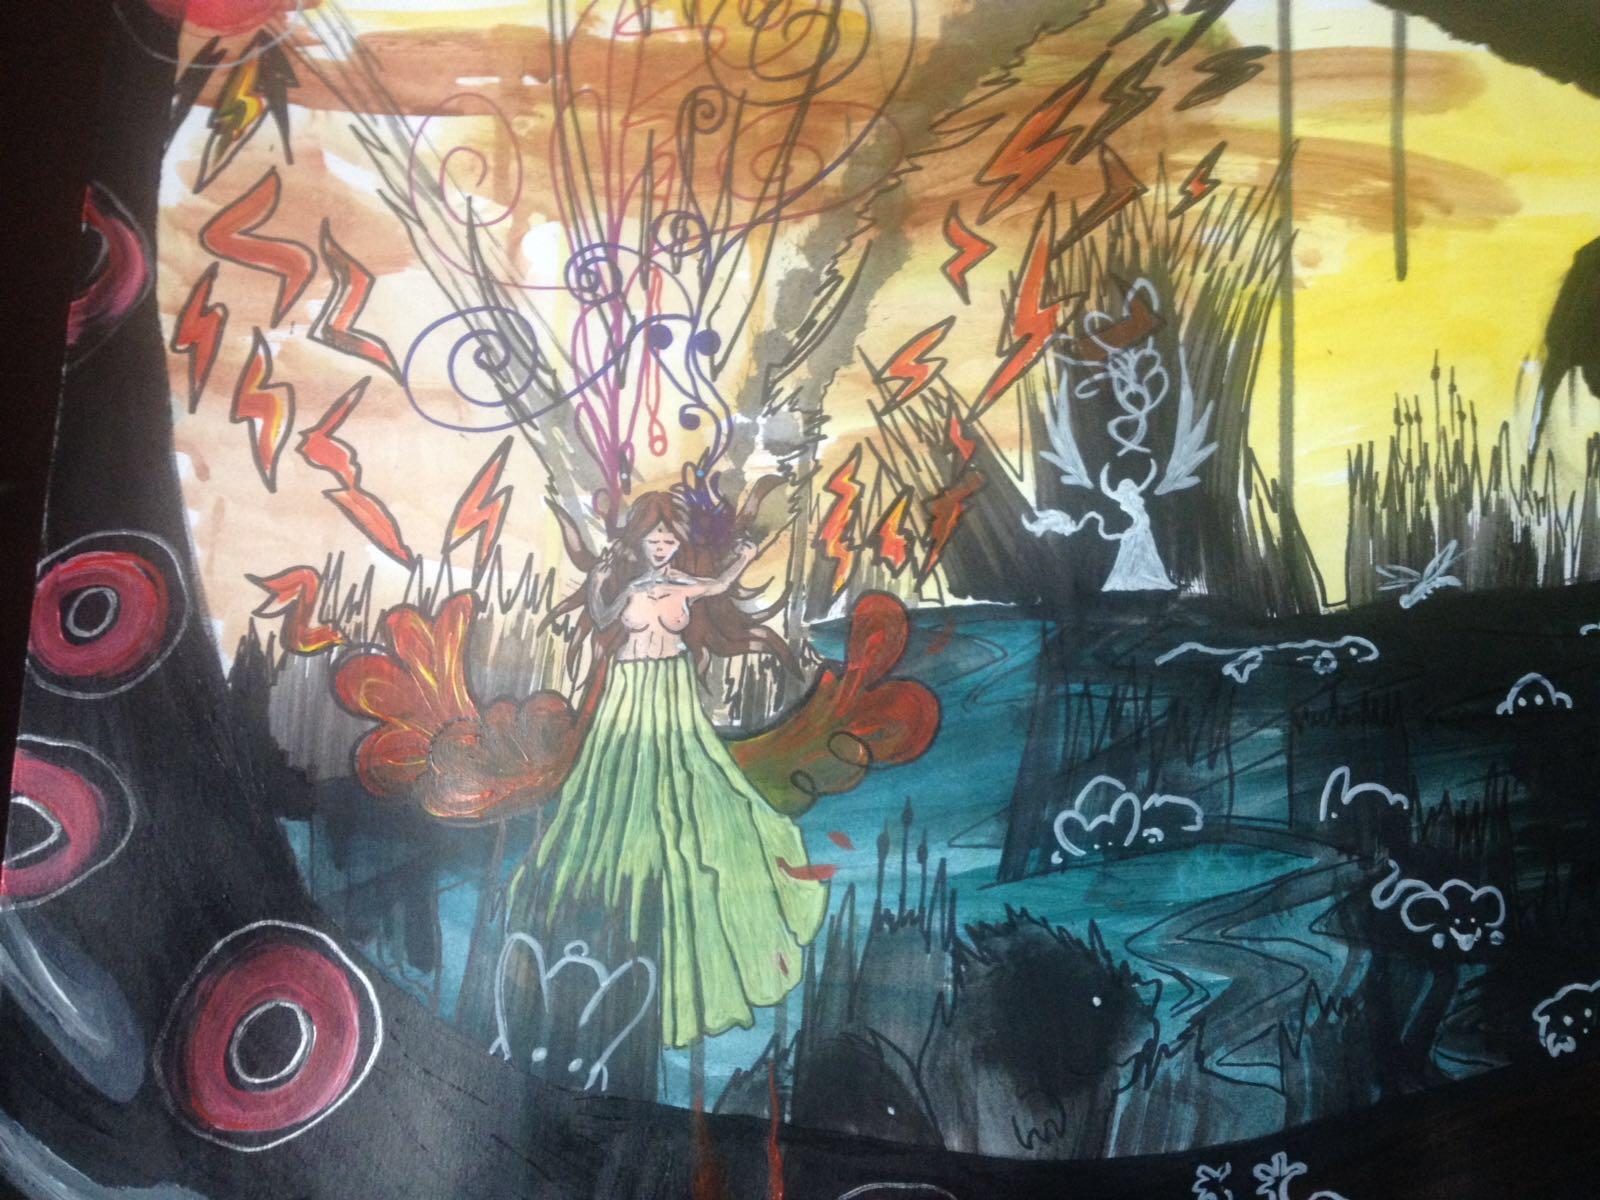 Drachenkind Ausschnitt Acryl 70x100cm Papierkarton 22.07.2016